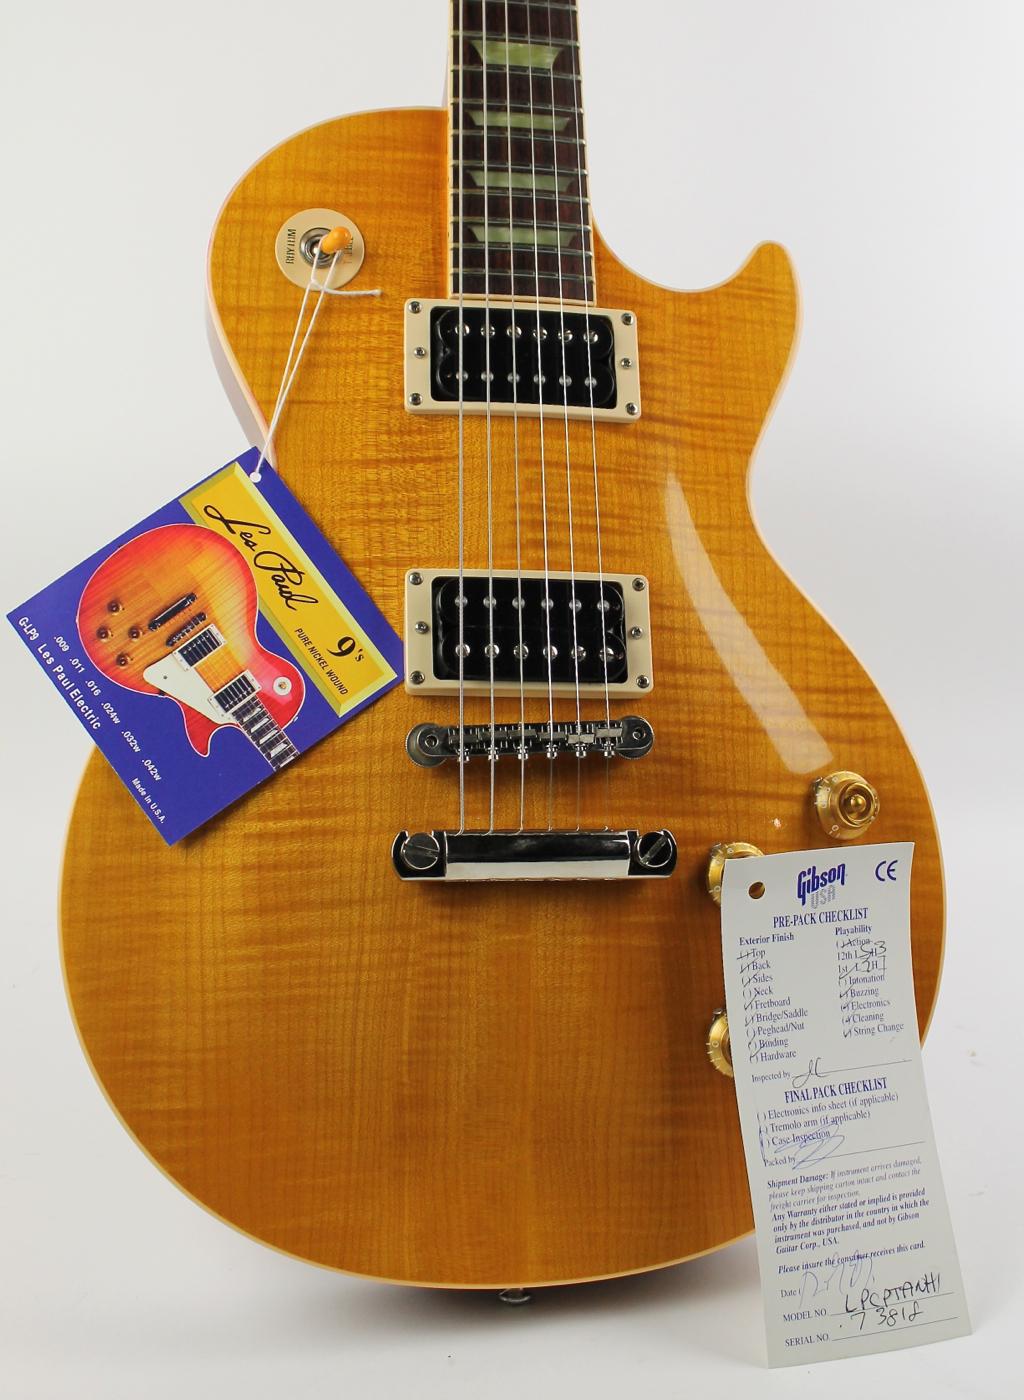 Gibson Les Paul Classic Plus 1997 Trans Amber Guitar For Sale Electric Vintage Sunburst The